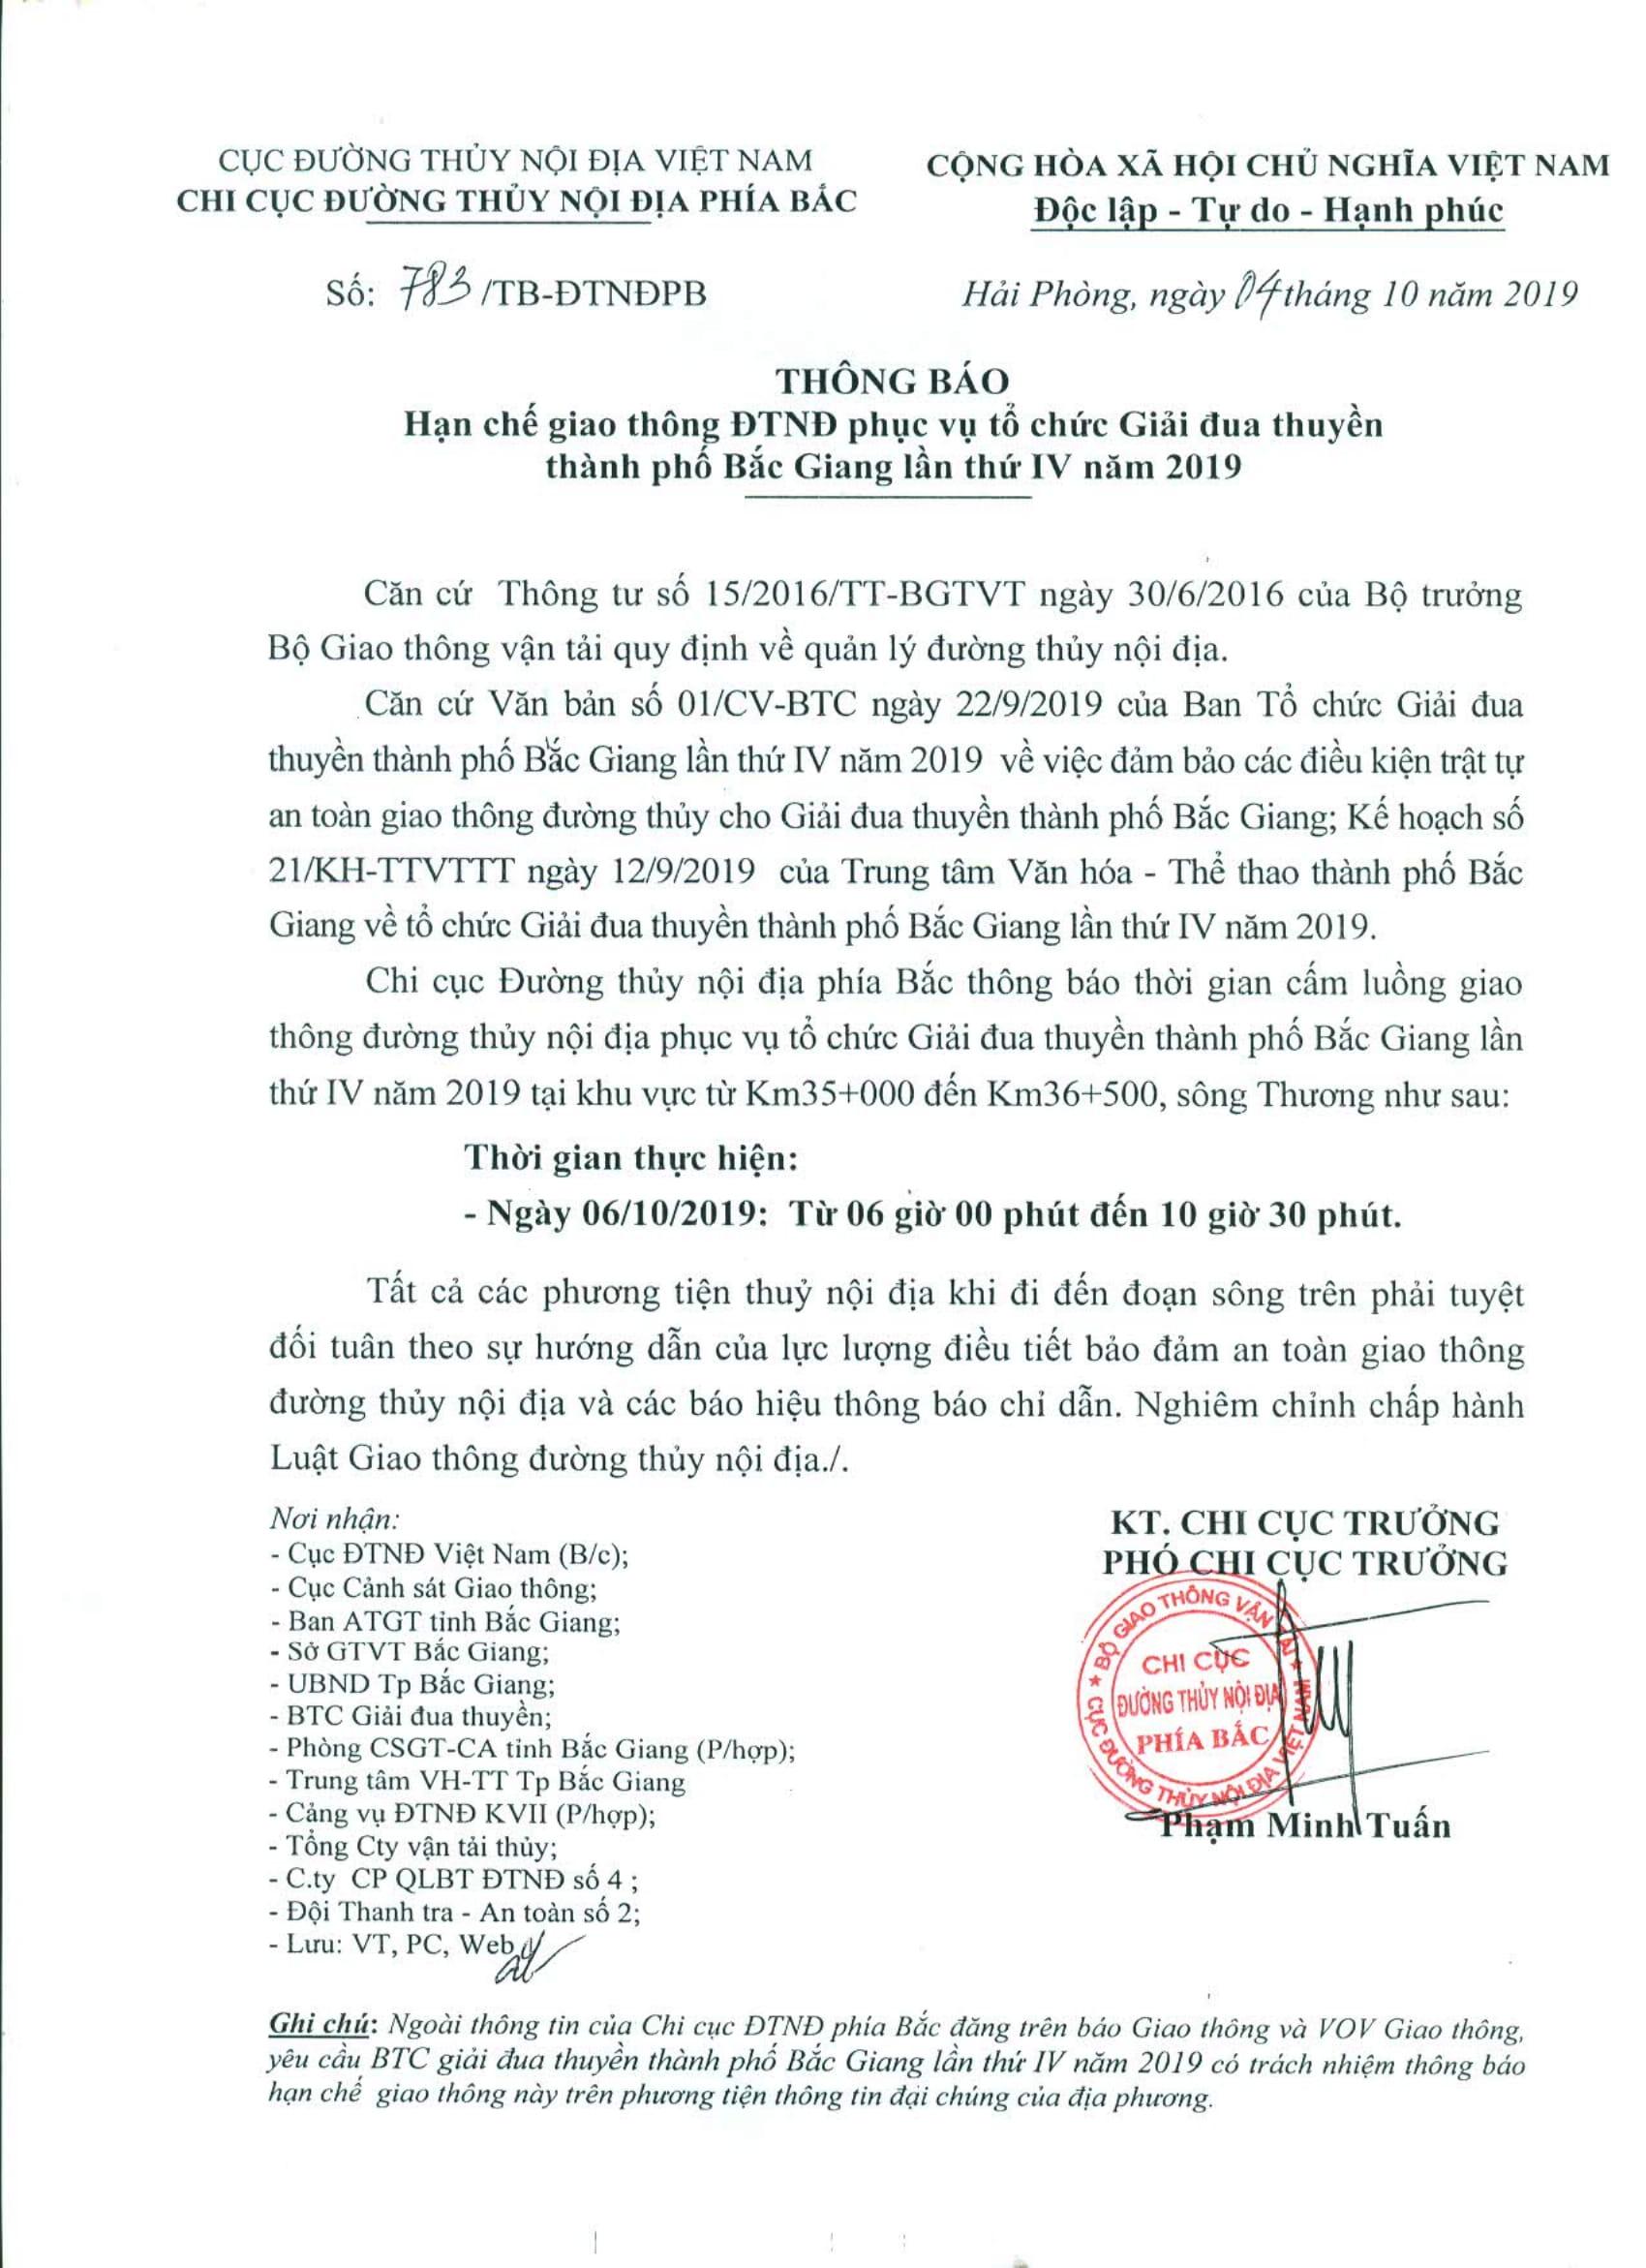 Thông báo HCGT ĐTNĐ phục vụ tổ chức Giải đua thuyền thành phố Bắc Giang lần thứ IV năm 2019